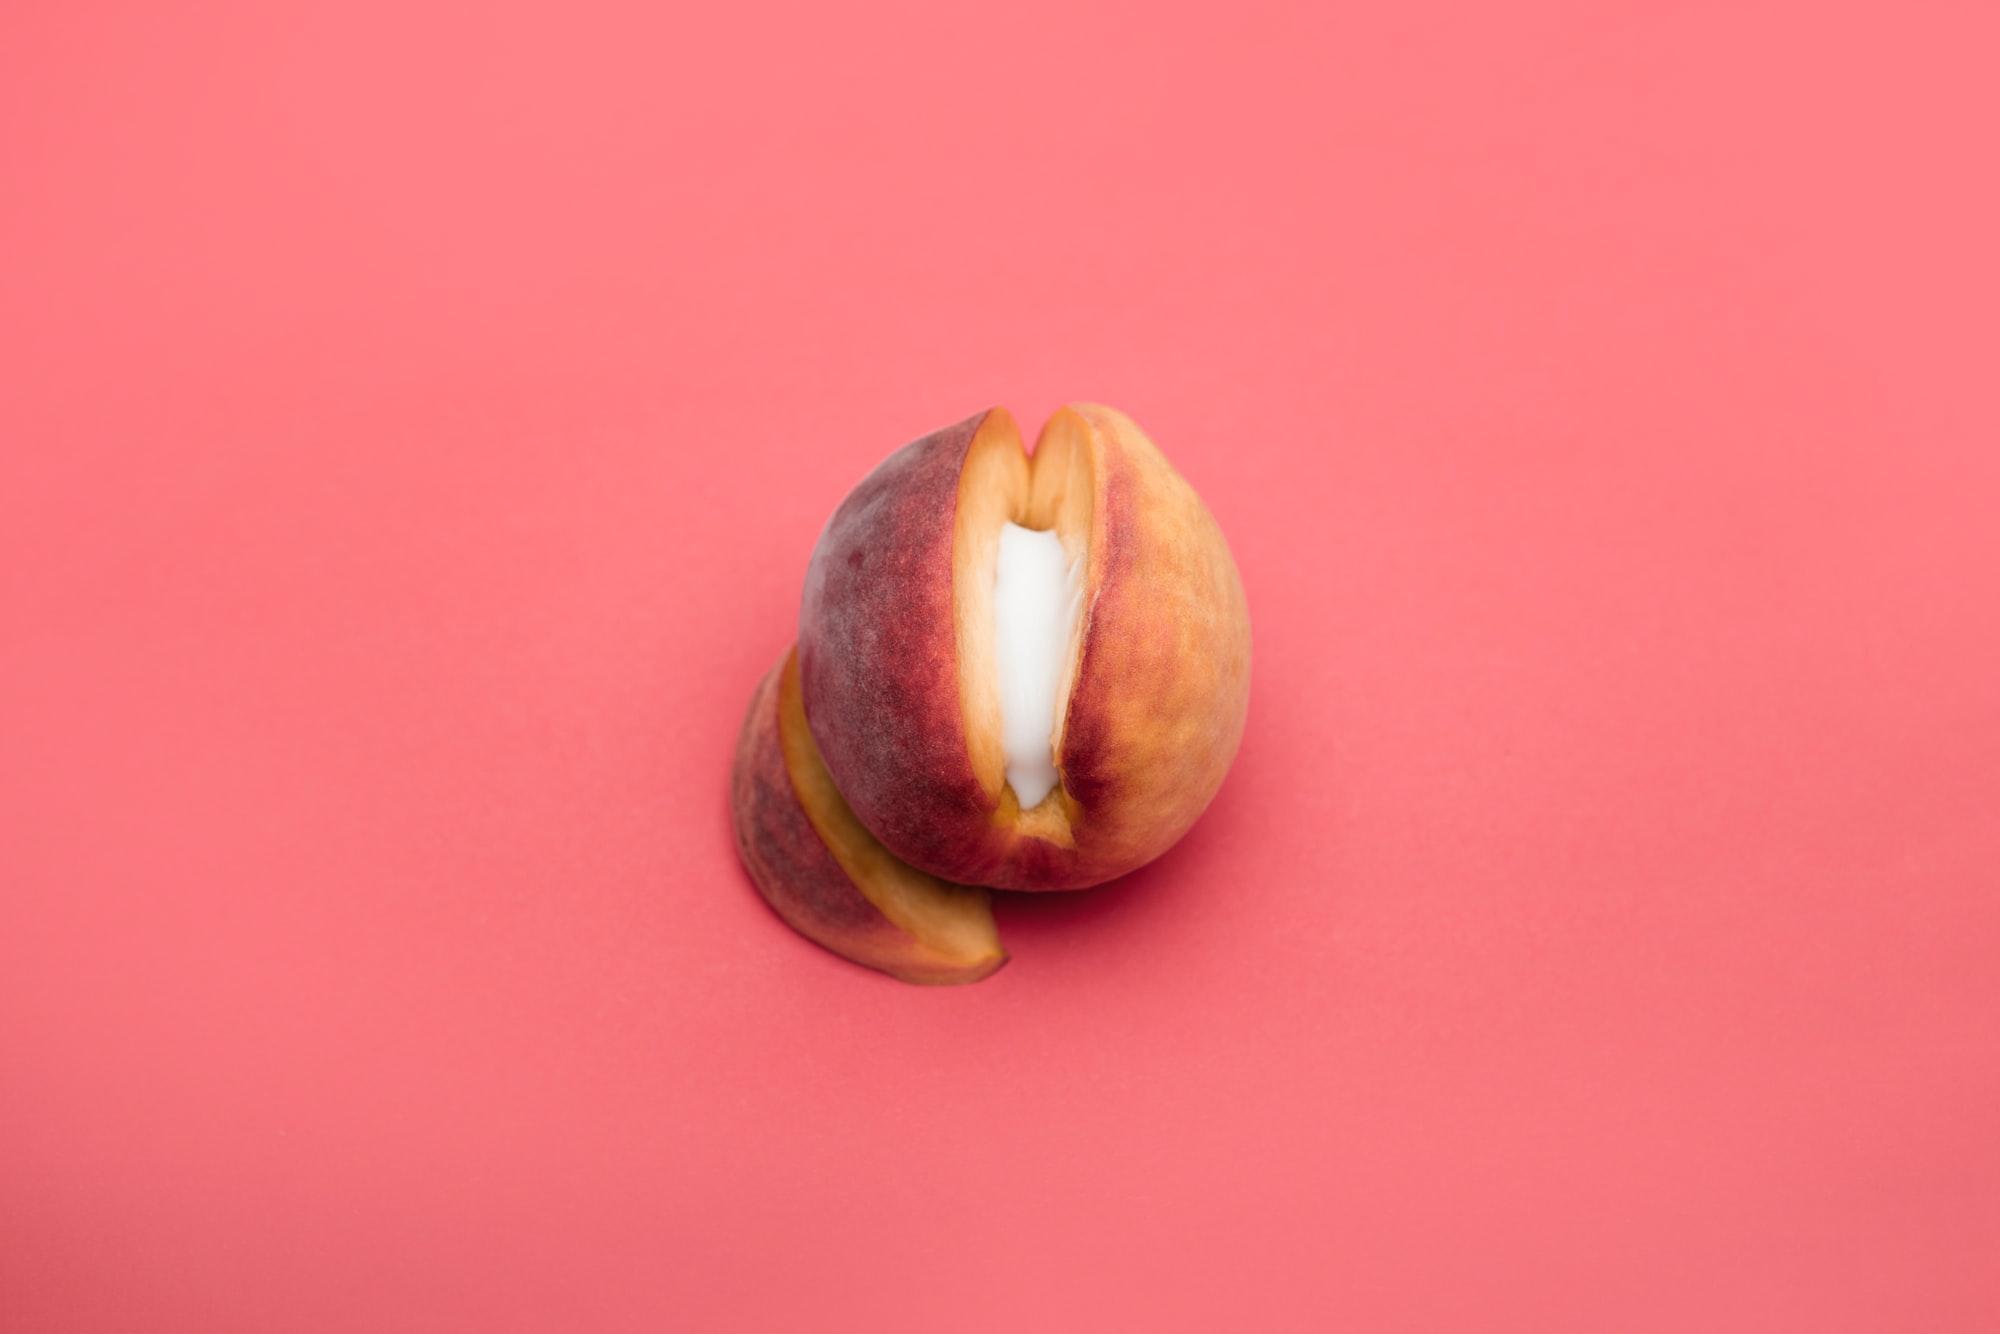 Važnost oralnog seksa kod žena